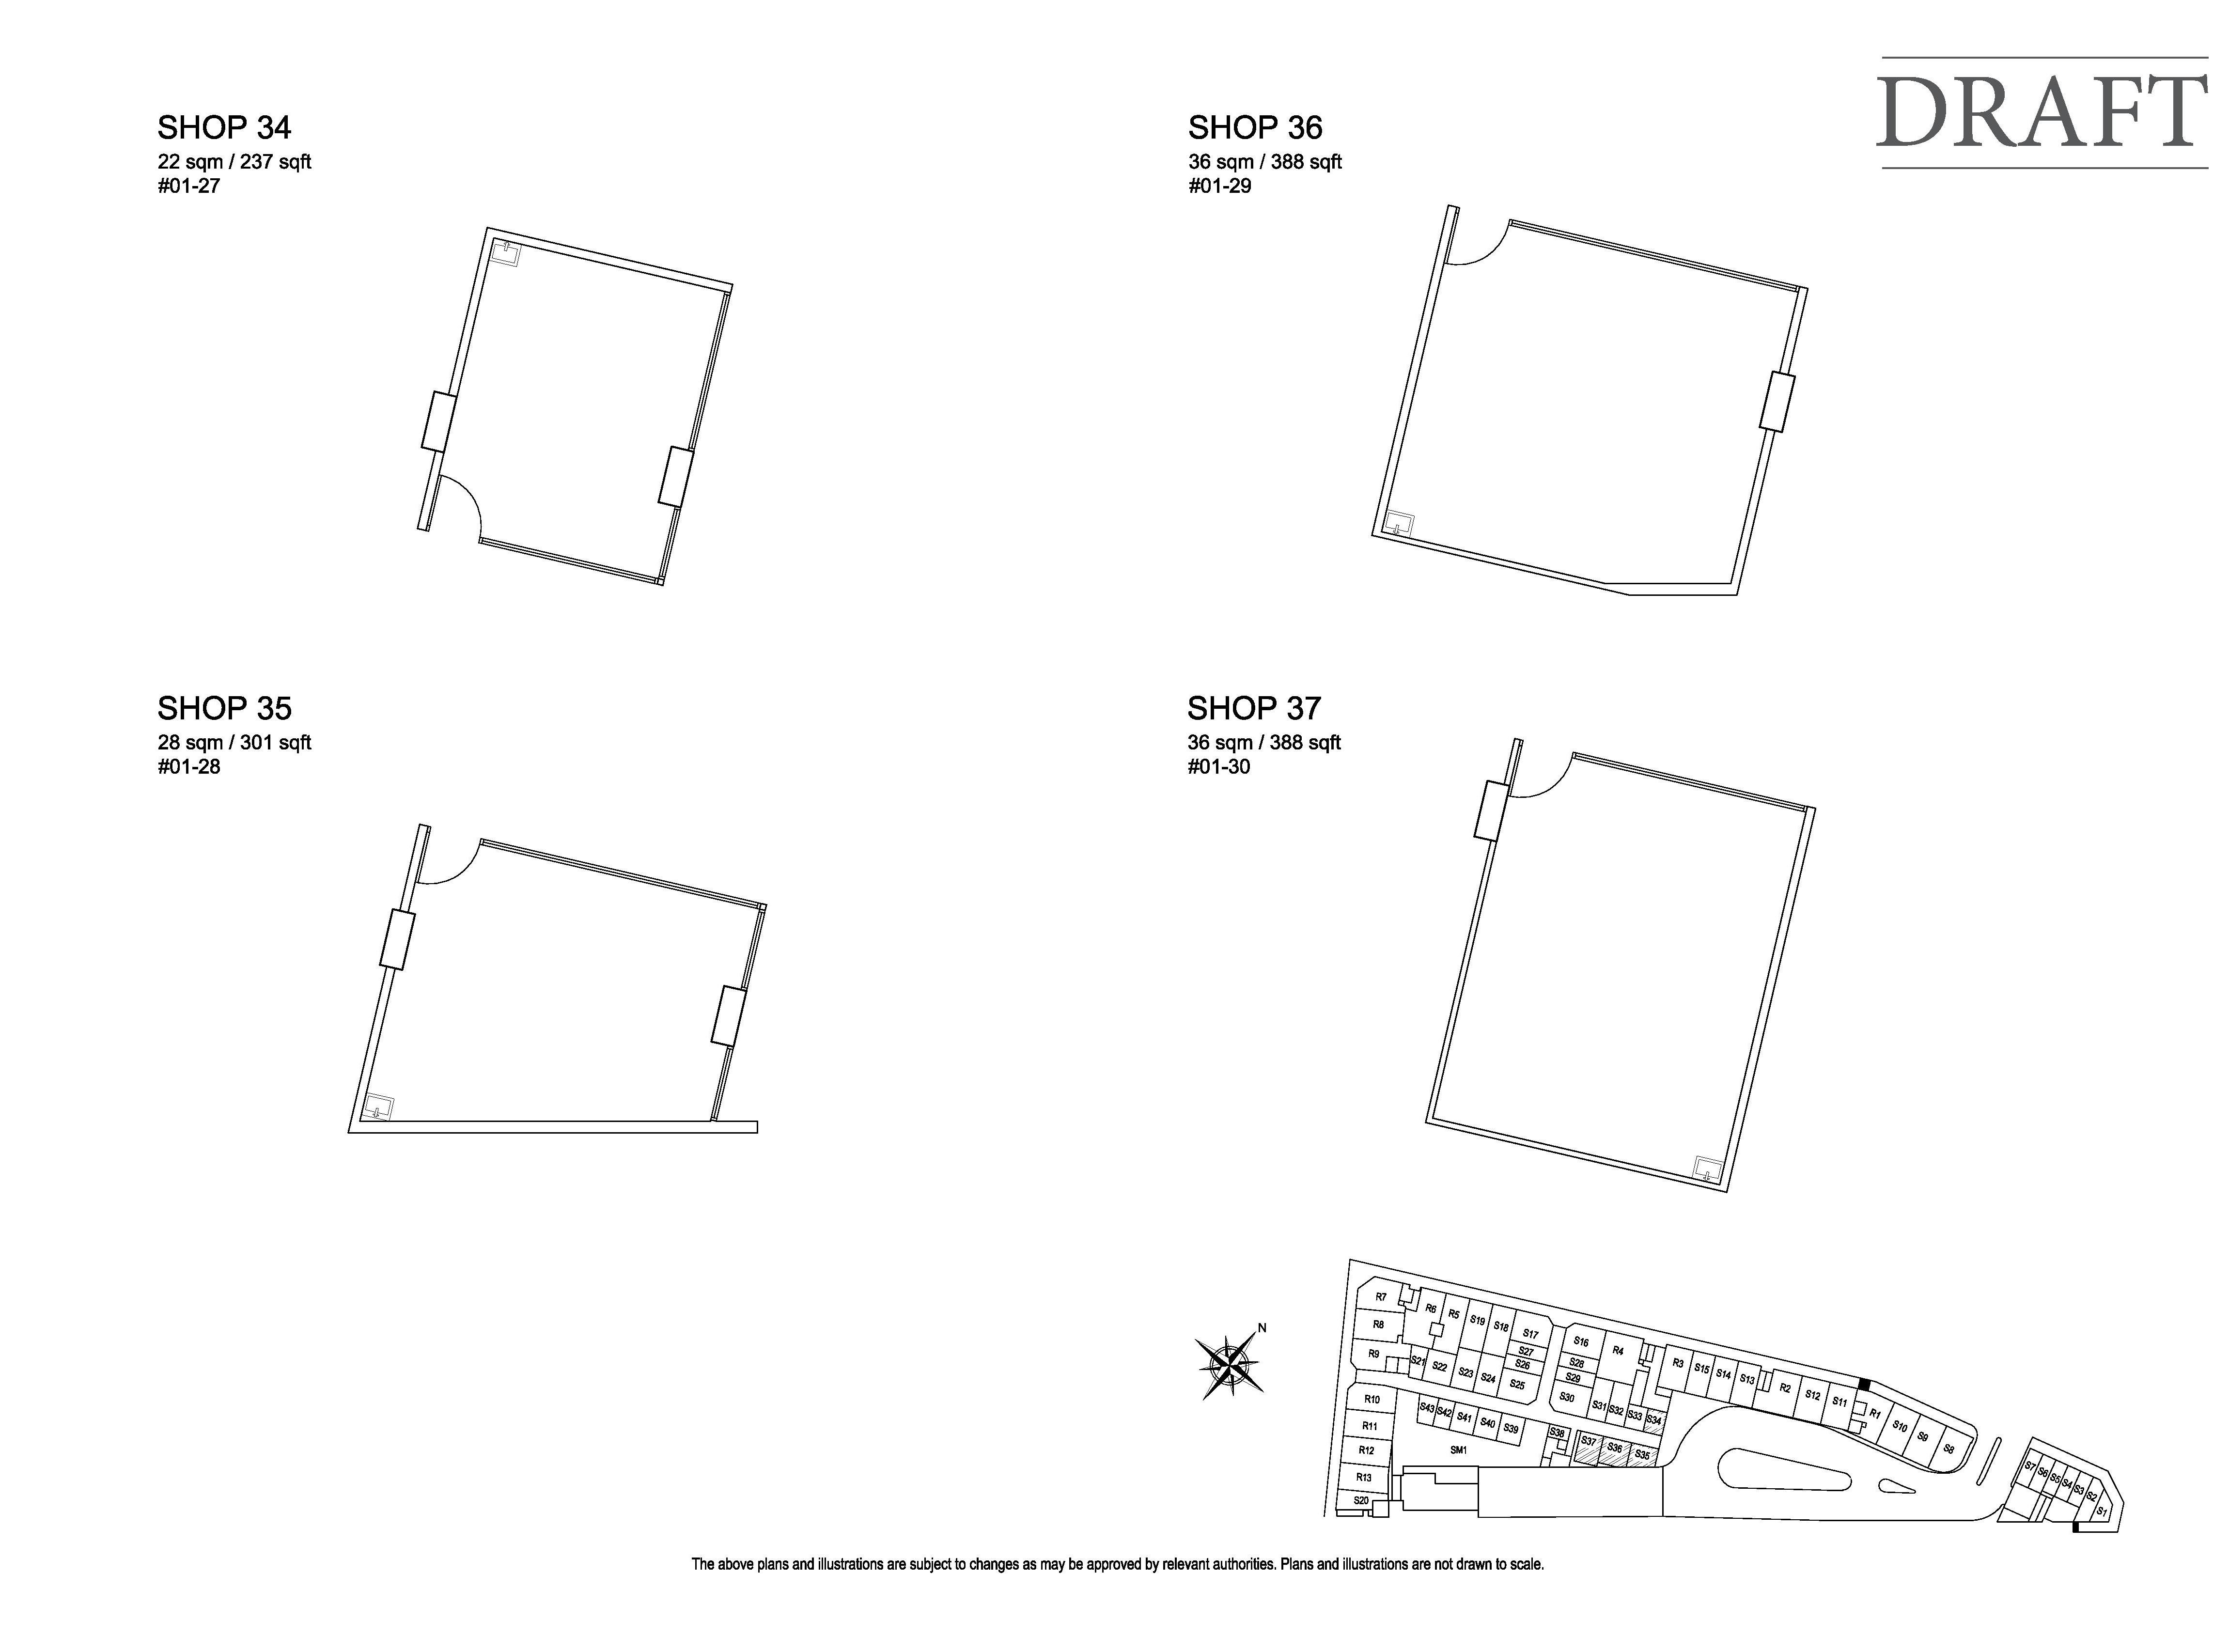 Kensington Square Shop 34,35,36,37 Floor Plans